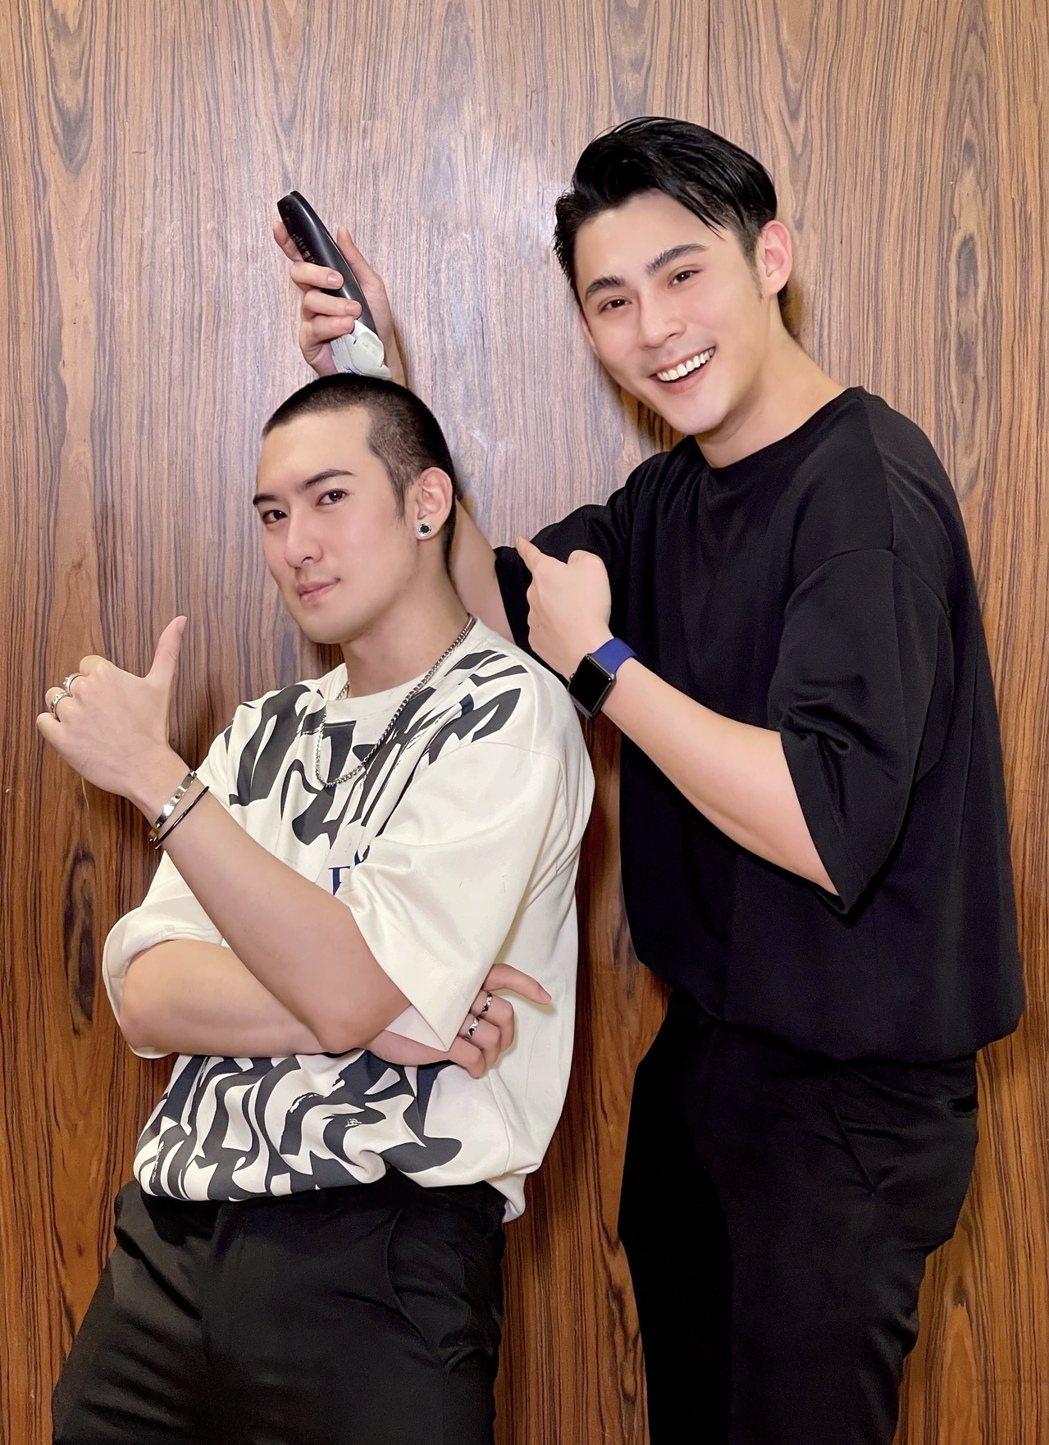 沈建宏(左)將當兵,陳奕幫忙剃頭。圖/達騰娛樂提供